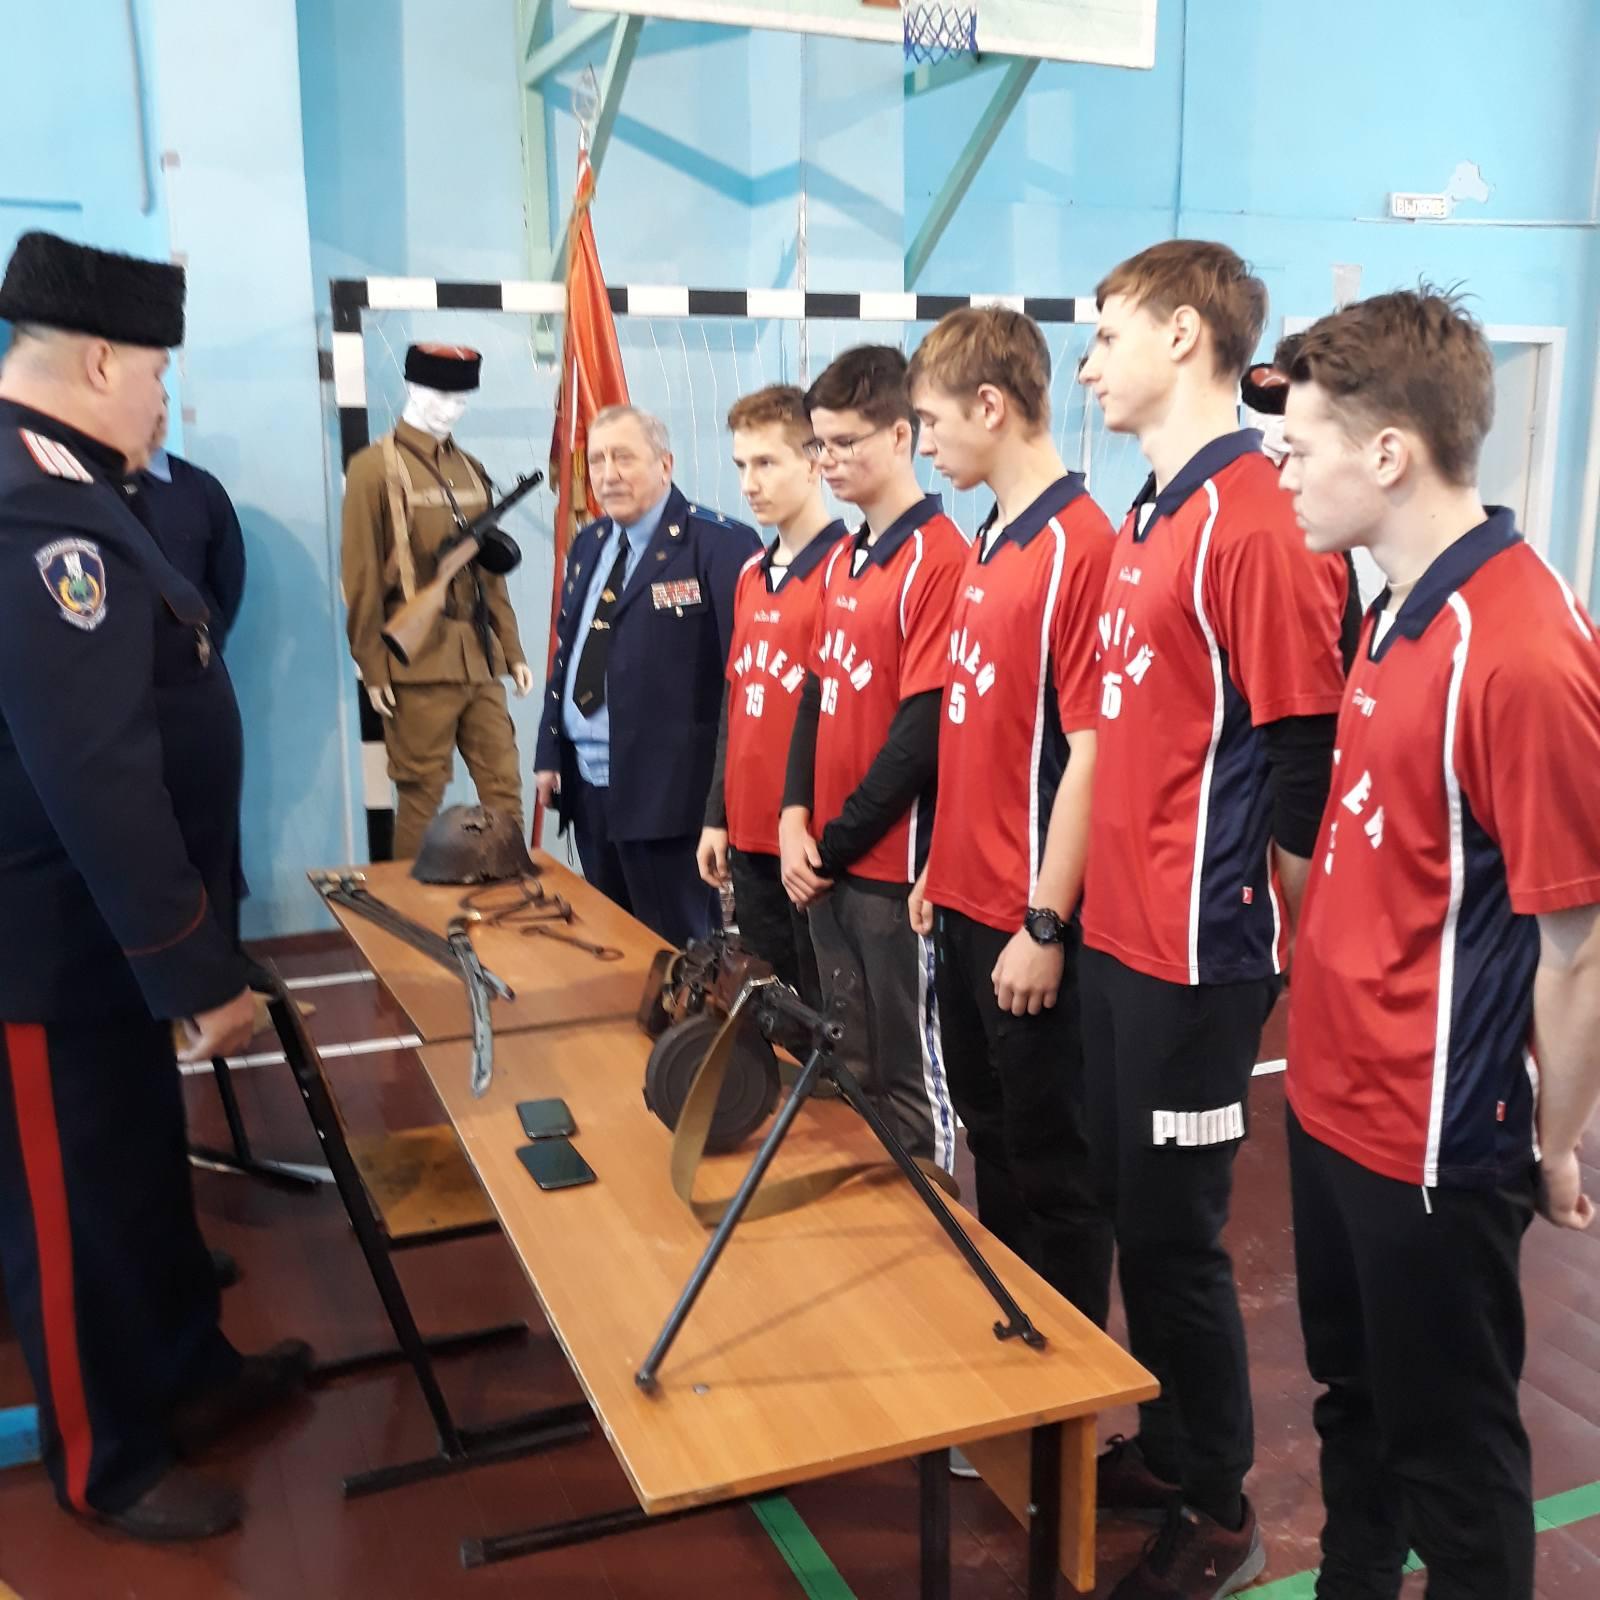 Состоялась военно-спортивная эстафета среди учащихся школ Заводского района